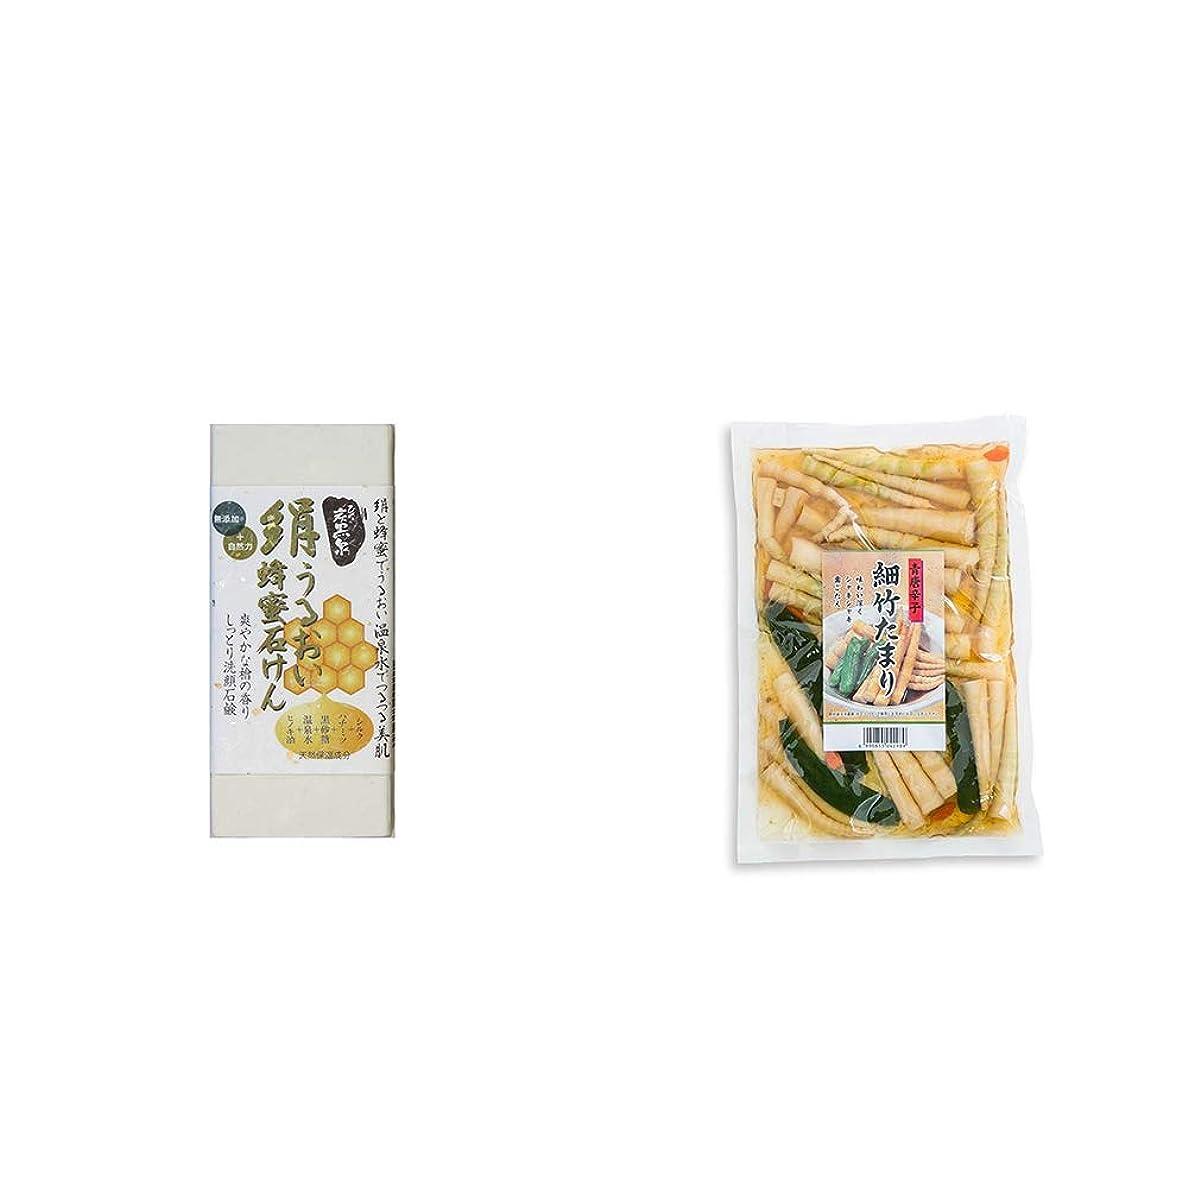 拘束する付与表向き[2点セット] ひのき炭黒泉 絹うるおい蜂蜜石けん(75g×2)?青唐辛子 細竹たまり(330g)